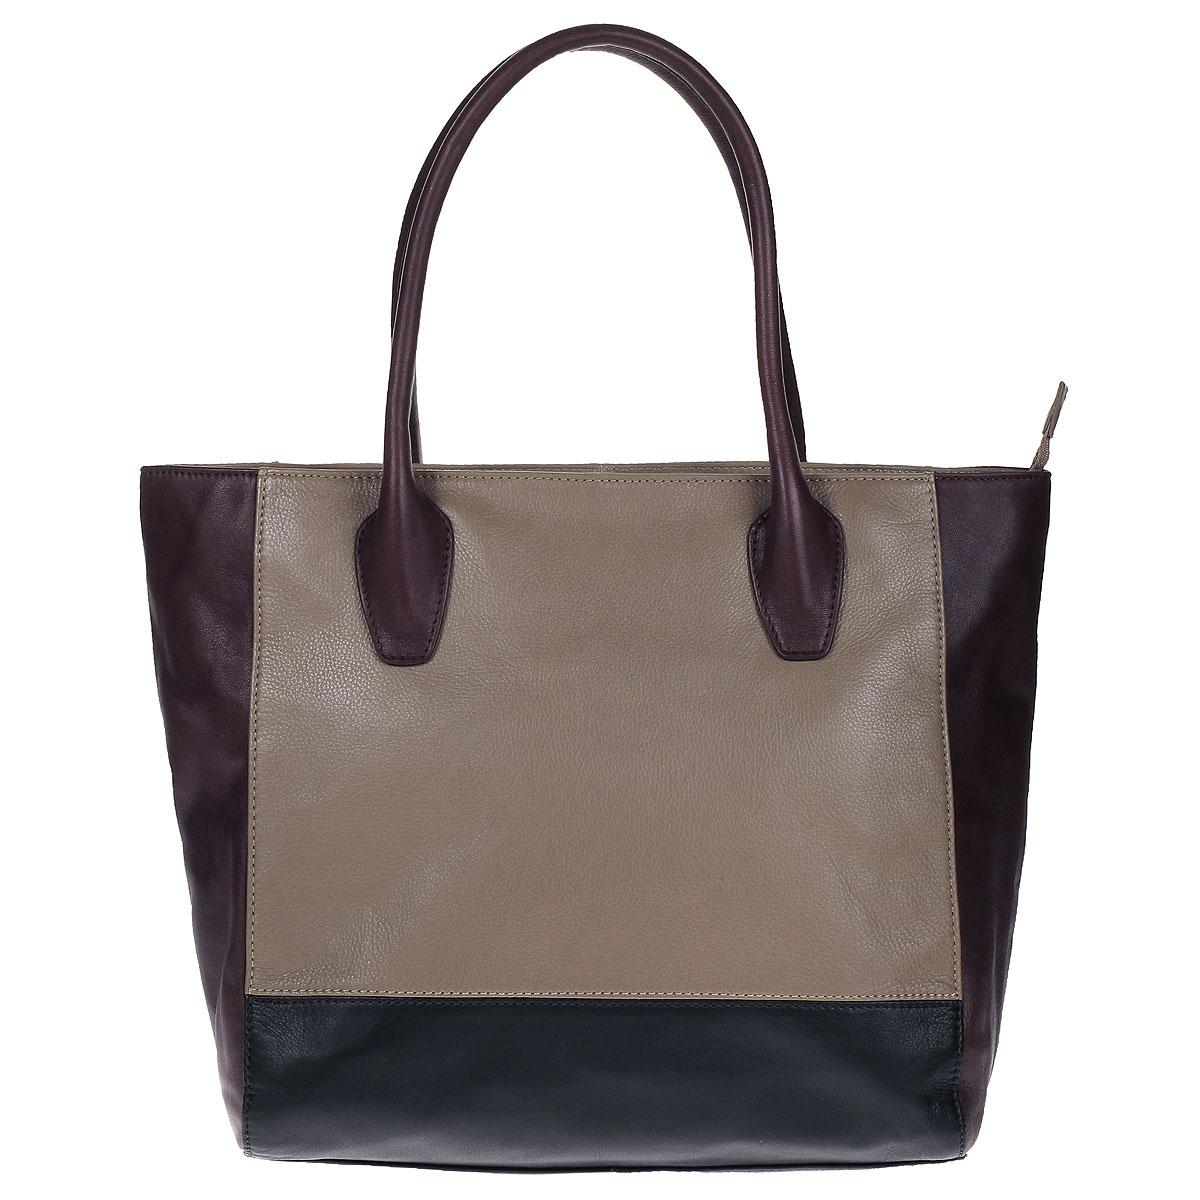 Сумка женская Palio, цвет: бордовый, черный, бежевый. 12889AS1-W212889AS1-W2Изысканная женская сумка Palio выполнена из натуральной кожи и декорирована вставками контрастного цвета. Изделие закрывается на застежку-молнию. Внутри - одно отделение, в котором имеется плоский карман на застежке-молнии, два кармашка для телефона и мелочей. Дно защищено от повреждений металлическими ножками. В комплекте чехол для хранения и съемный плечевой ремень регулируемой длины. Роскошная сумка внесет элегантные нотки в ваш образ и подчеркнет ваше отменное чувство стиля.